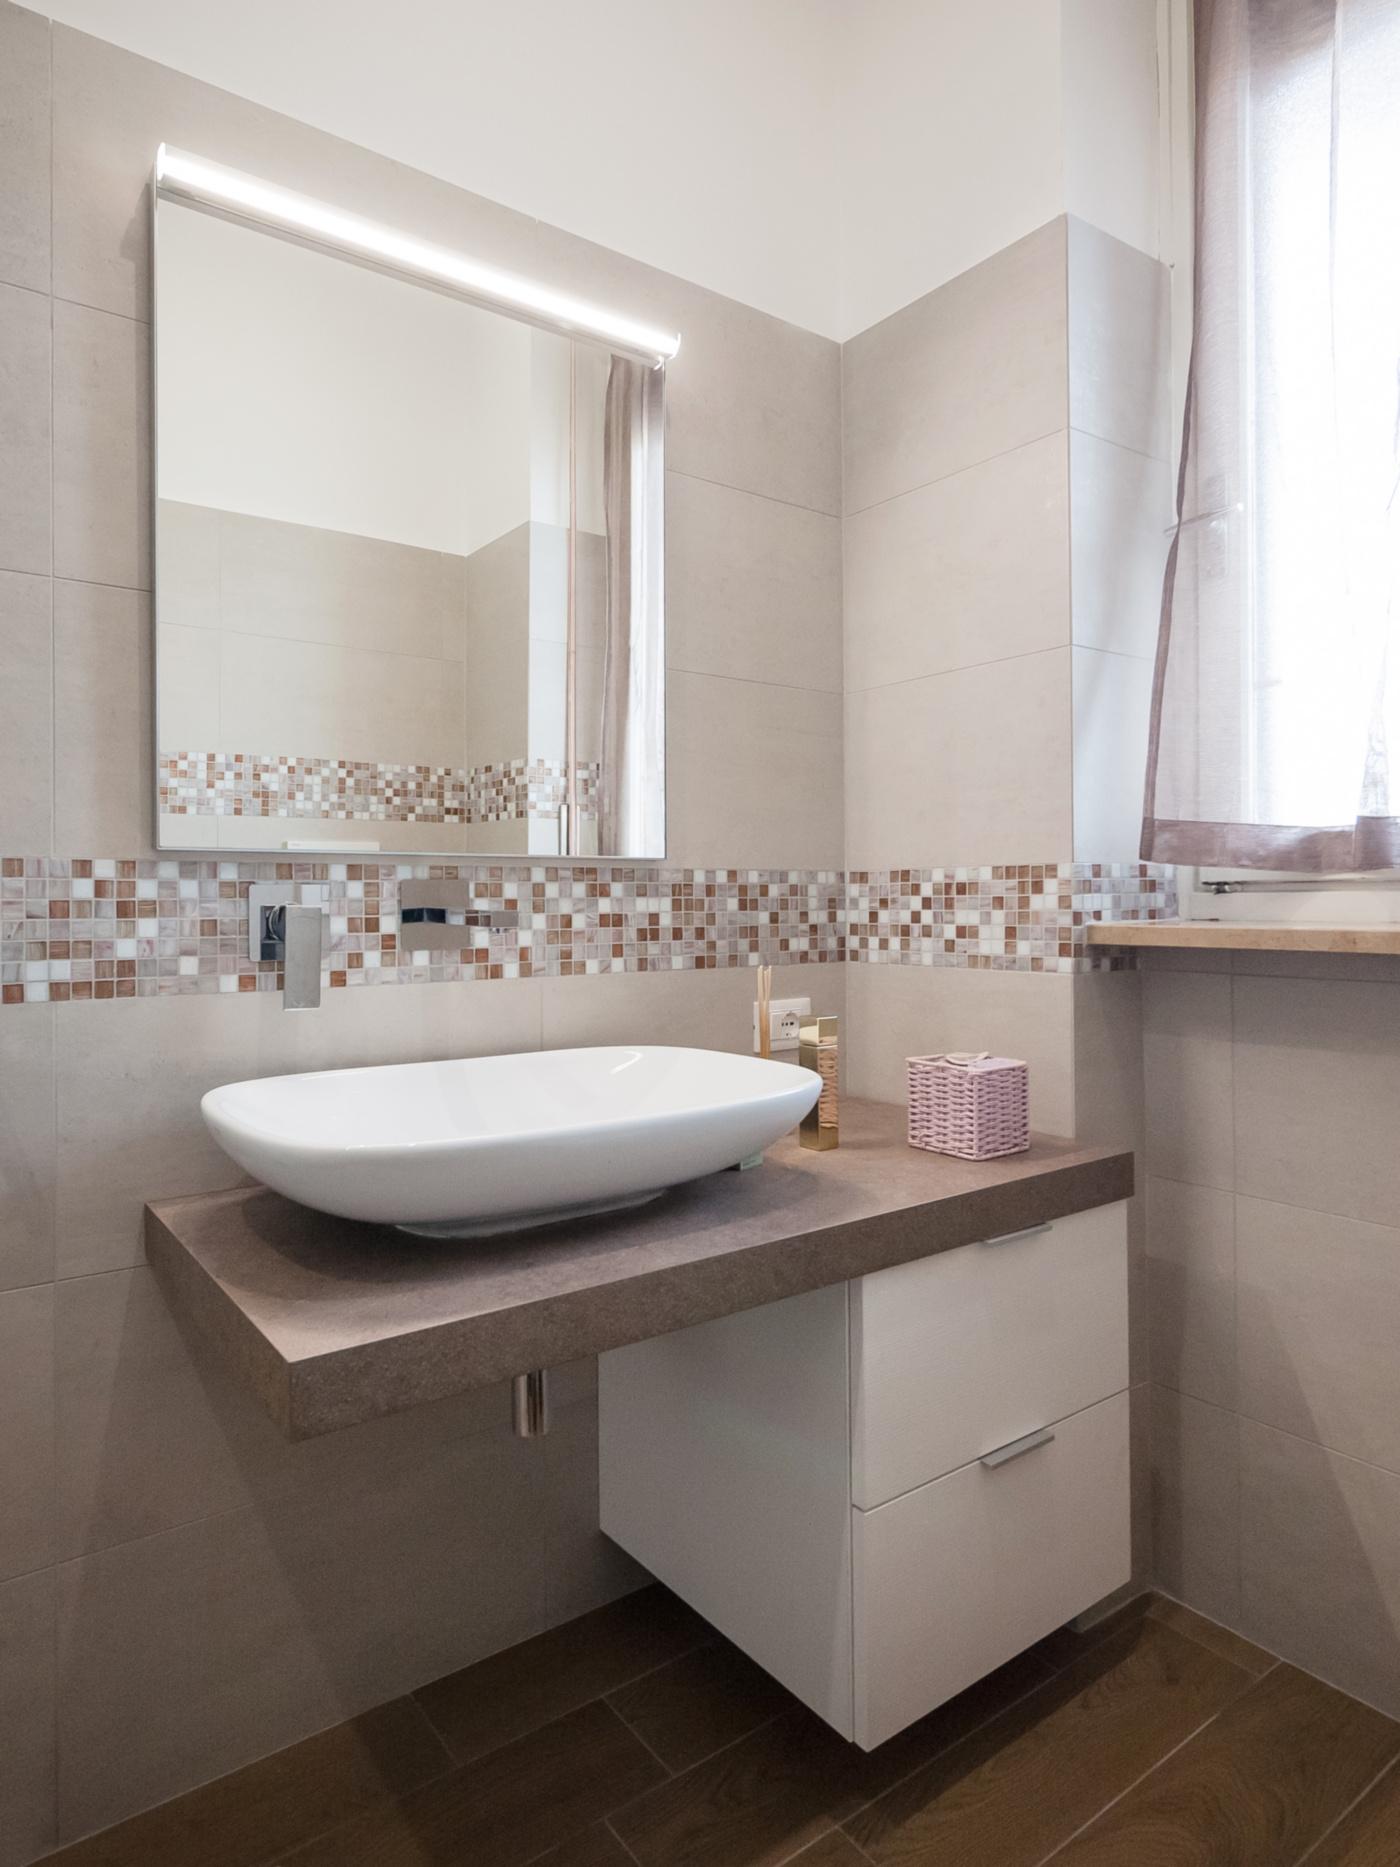 Una ristrutturazione che moltiplica gli spazi in un'appartamento degli anni '70. Il bagno tra piastrelle e mosaico, toni caldi e pavimento effetto legno | Bottega di Architettura